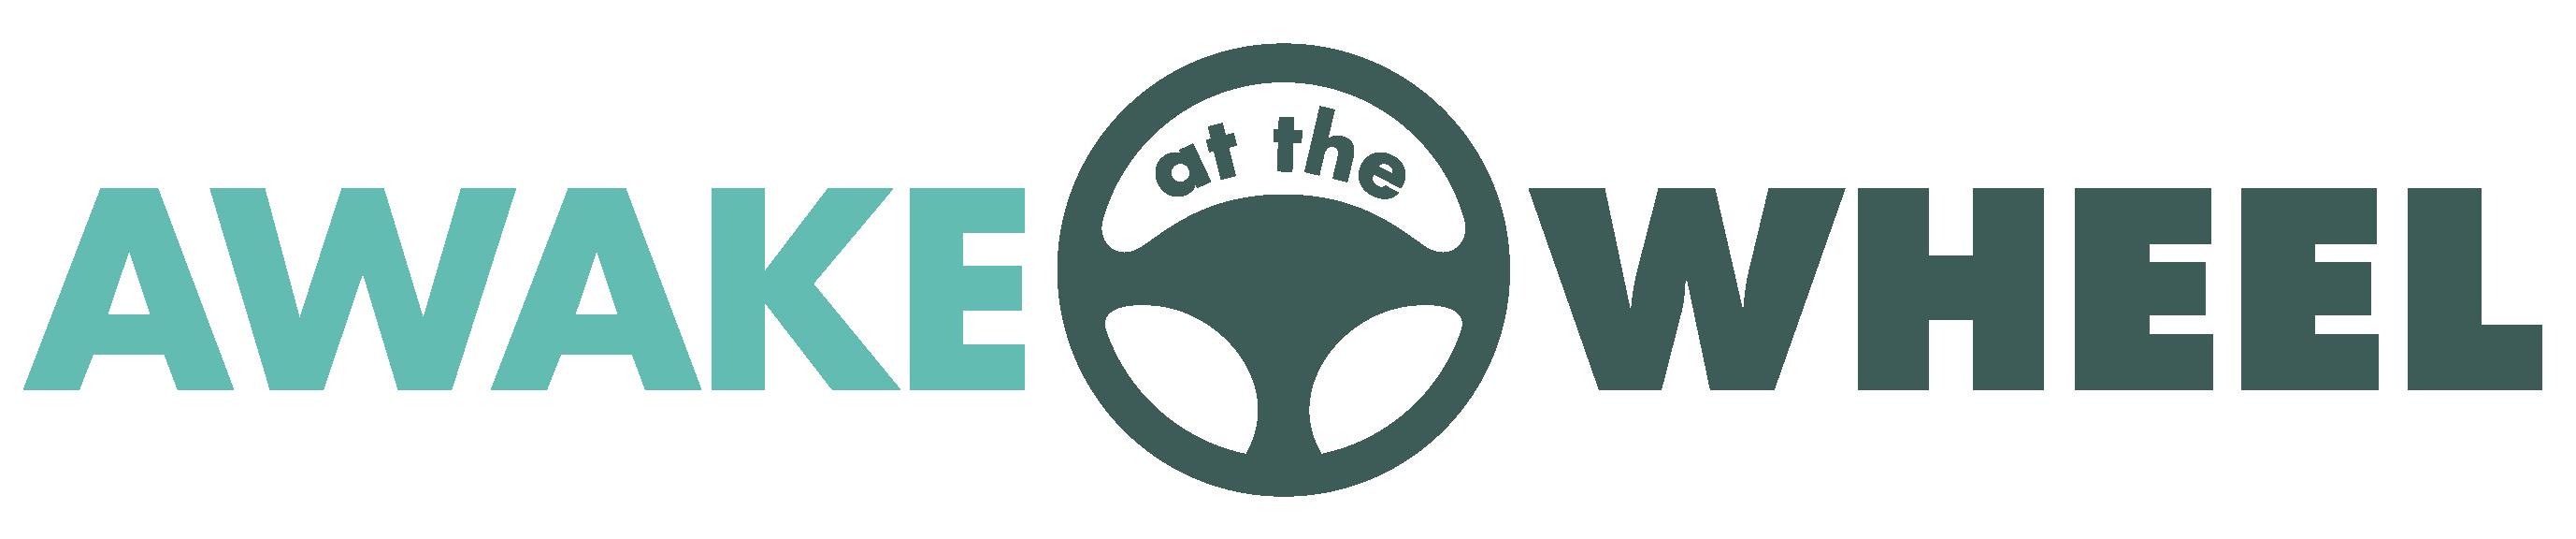 Awake at the Wheel logo